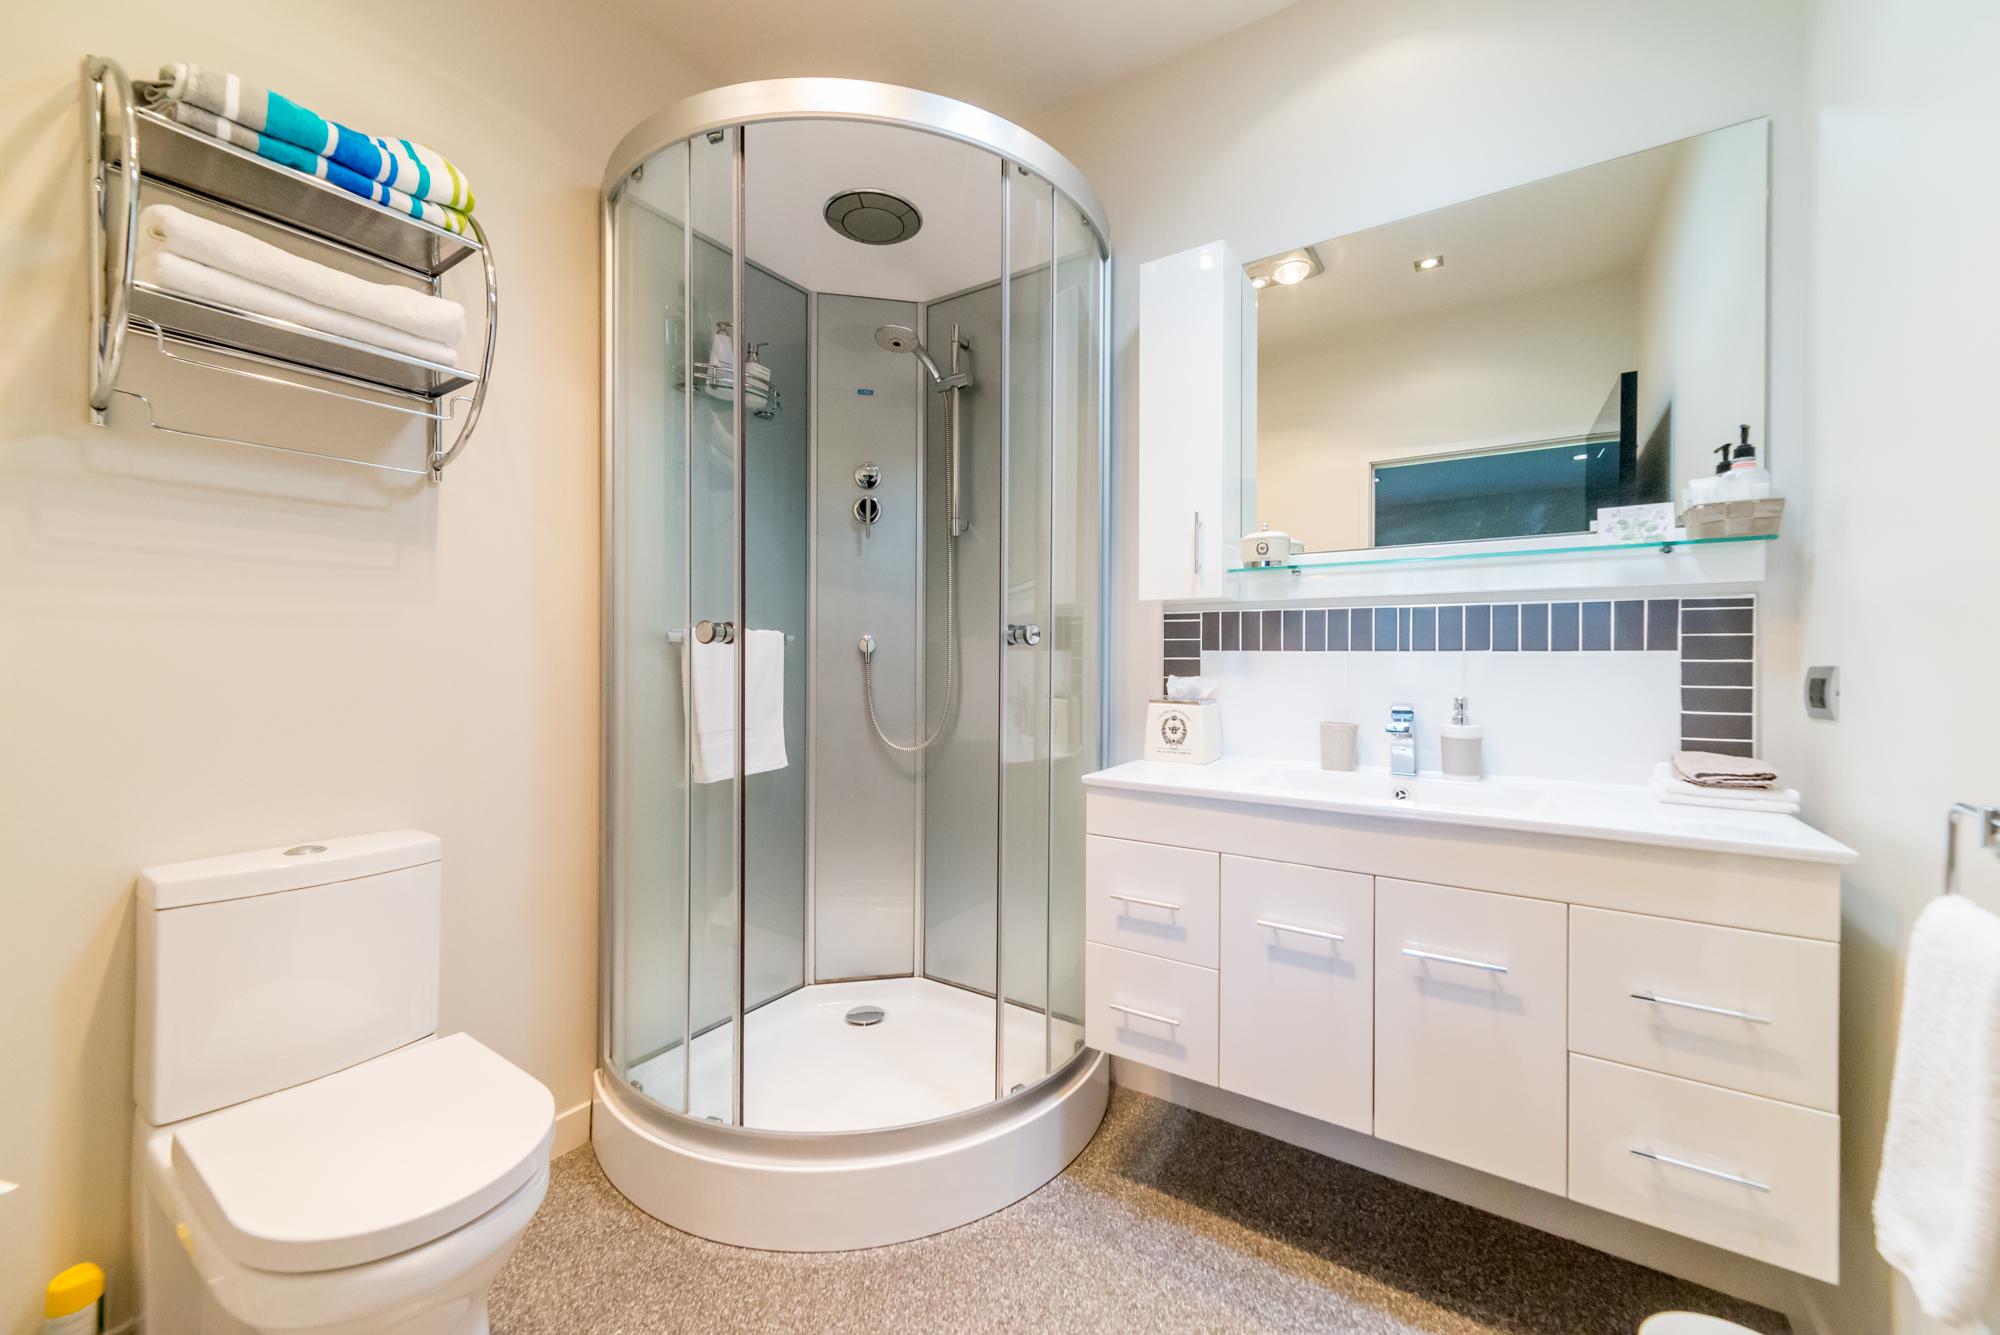 Tui suite bathroom